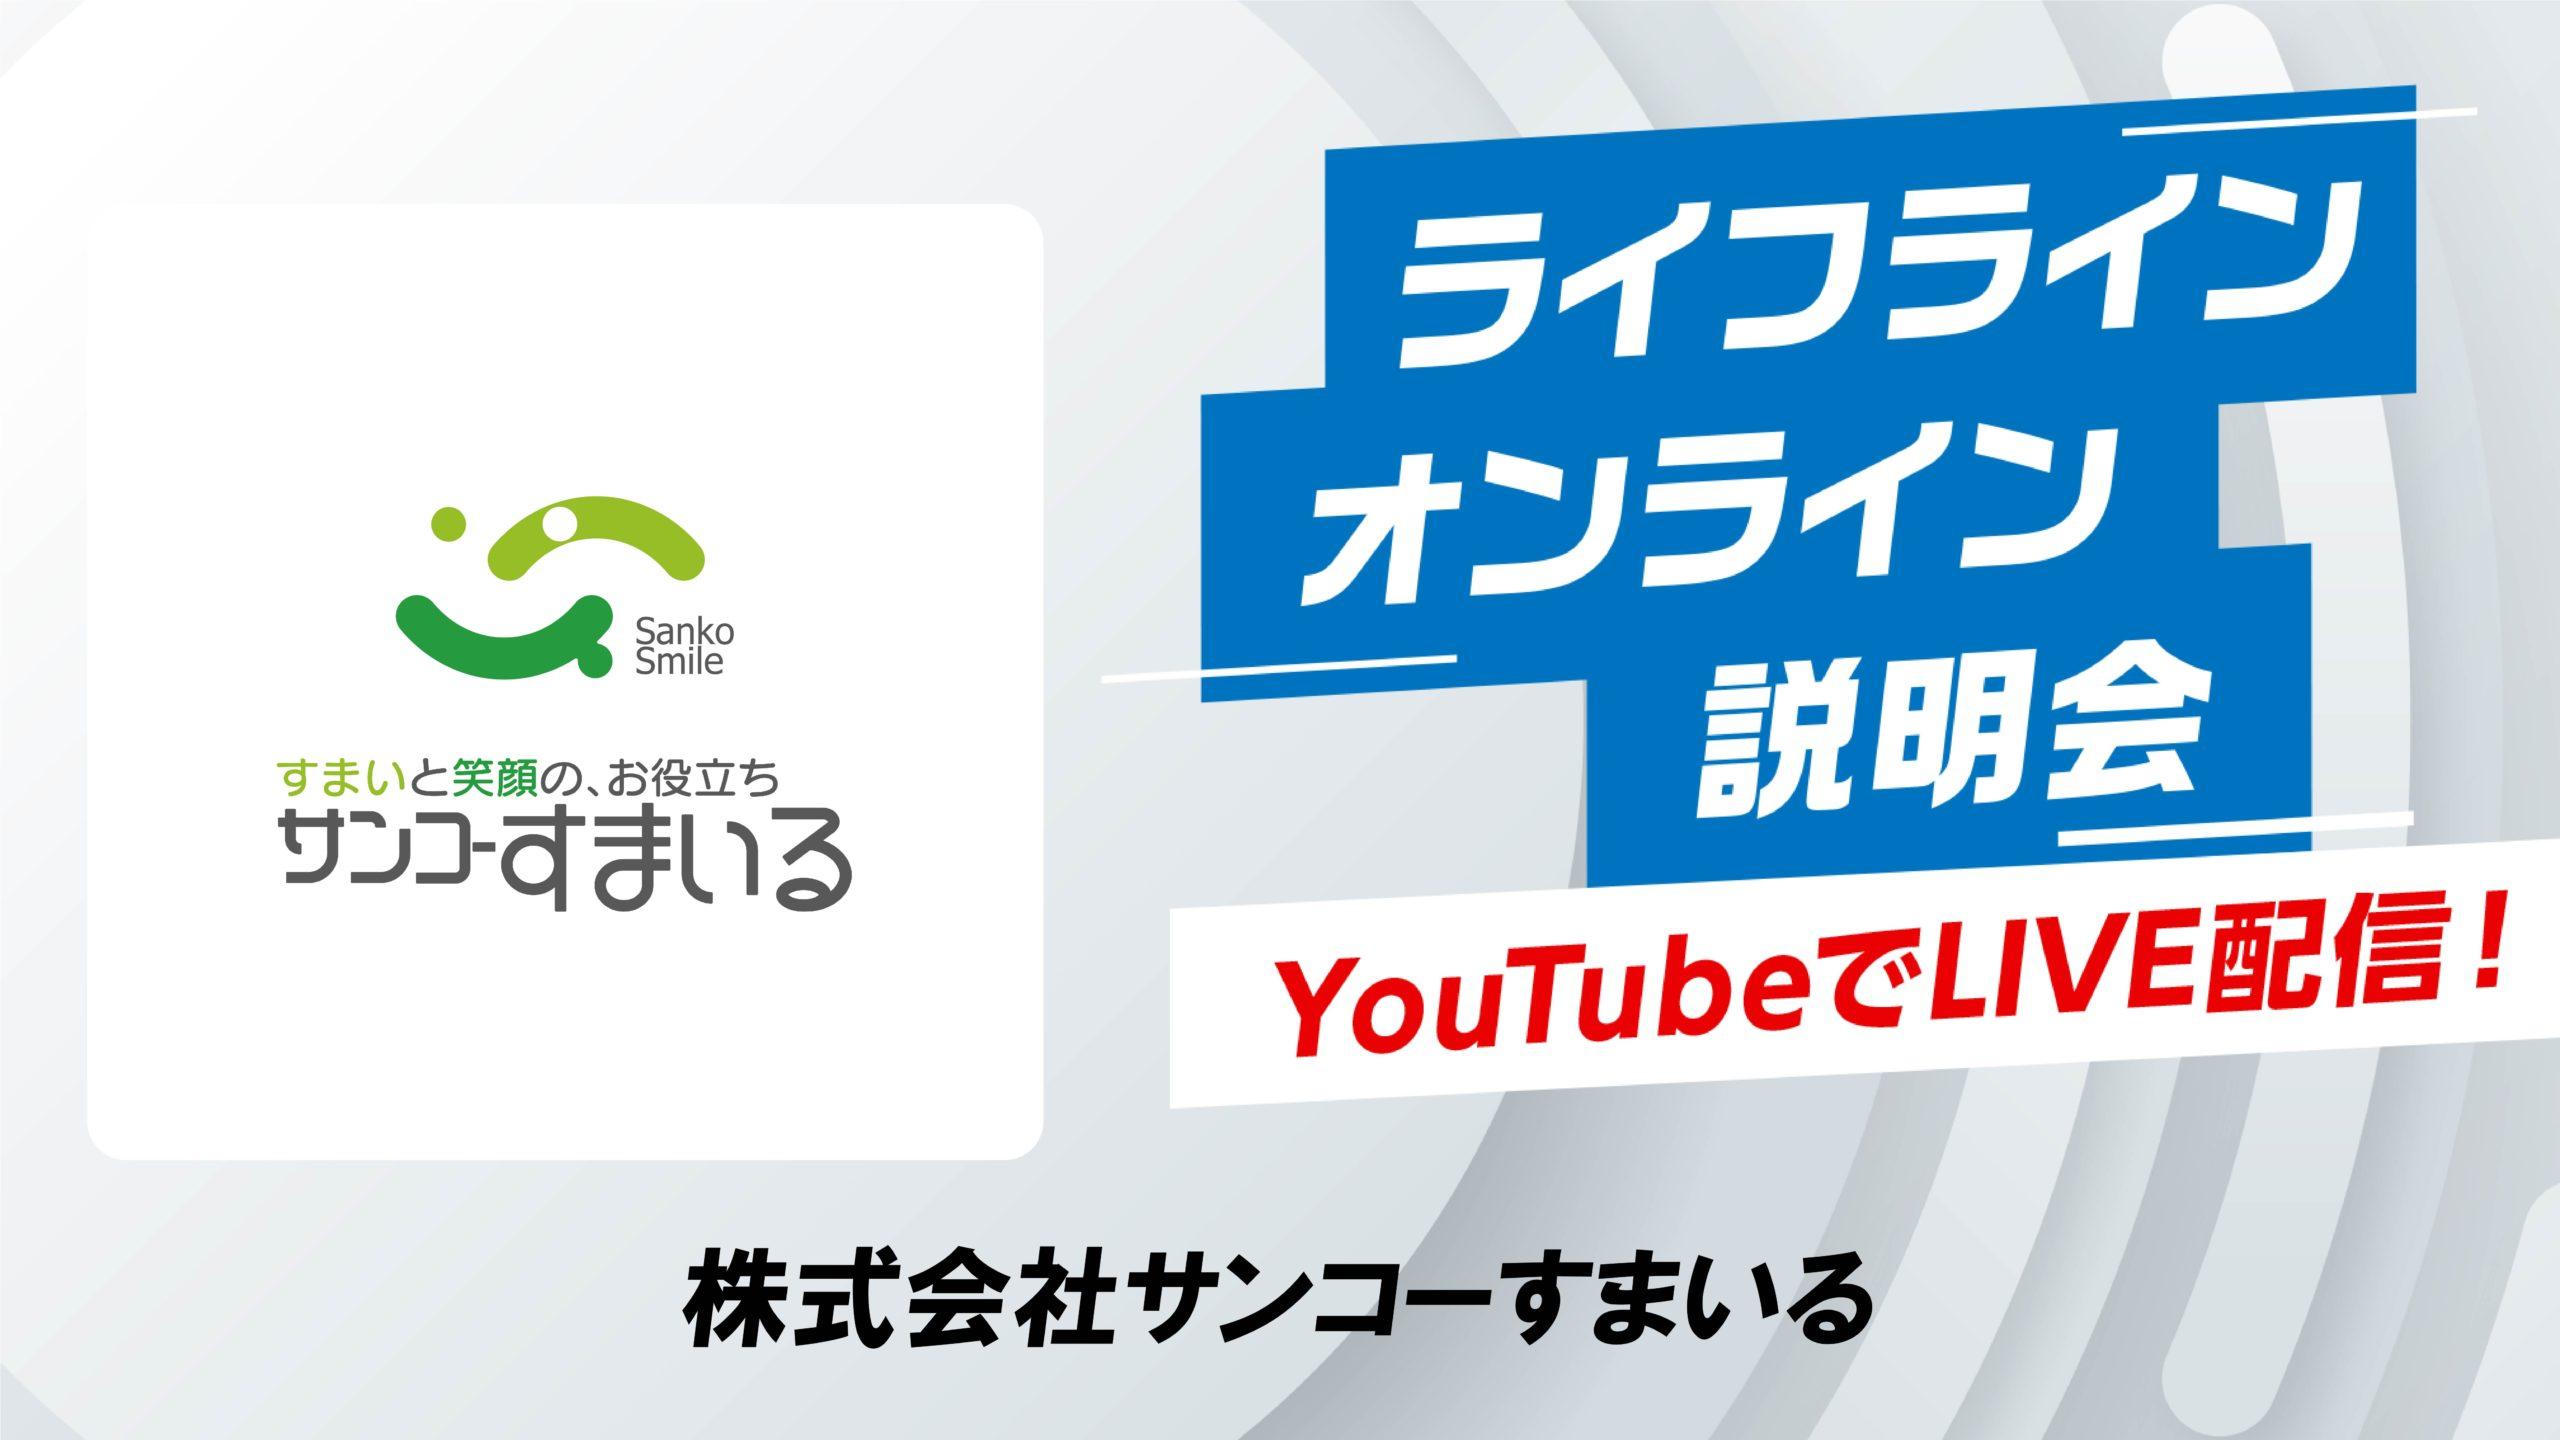 ライフライン オンライン相談会 YouTubeでLIVE配信! 株式会社サンコーすまいる